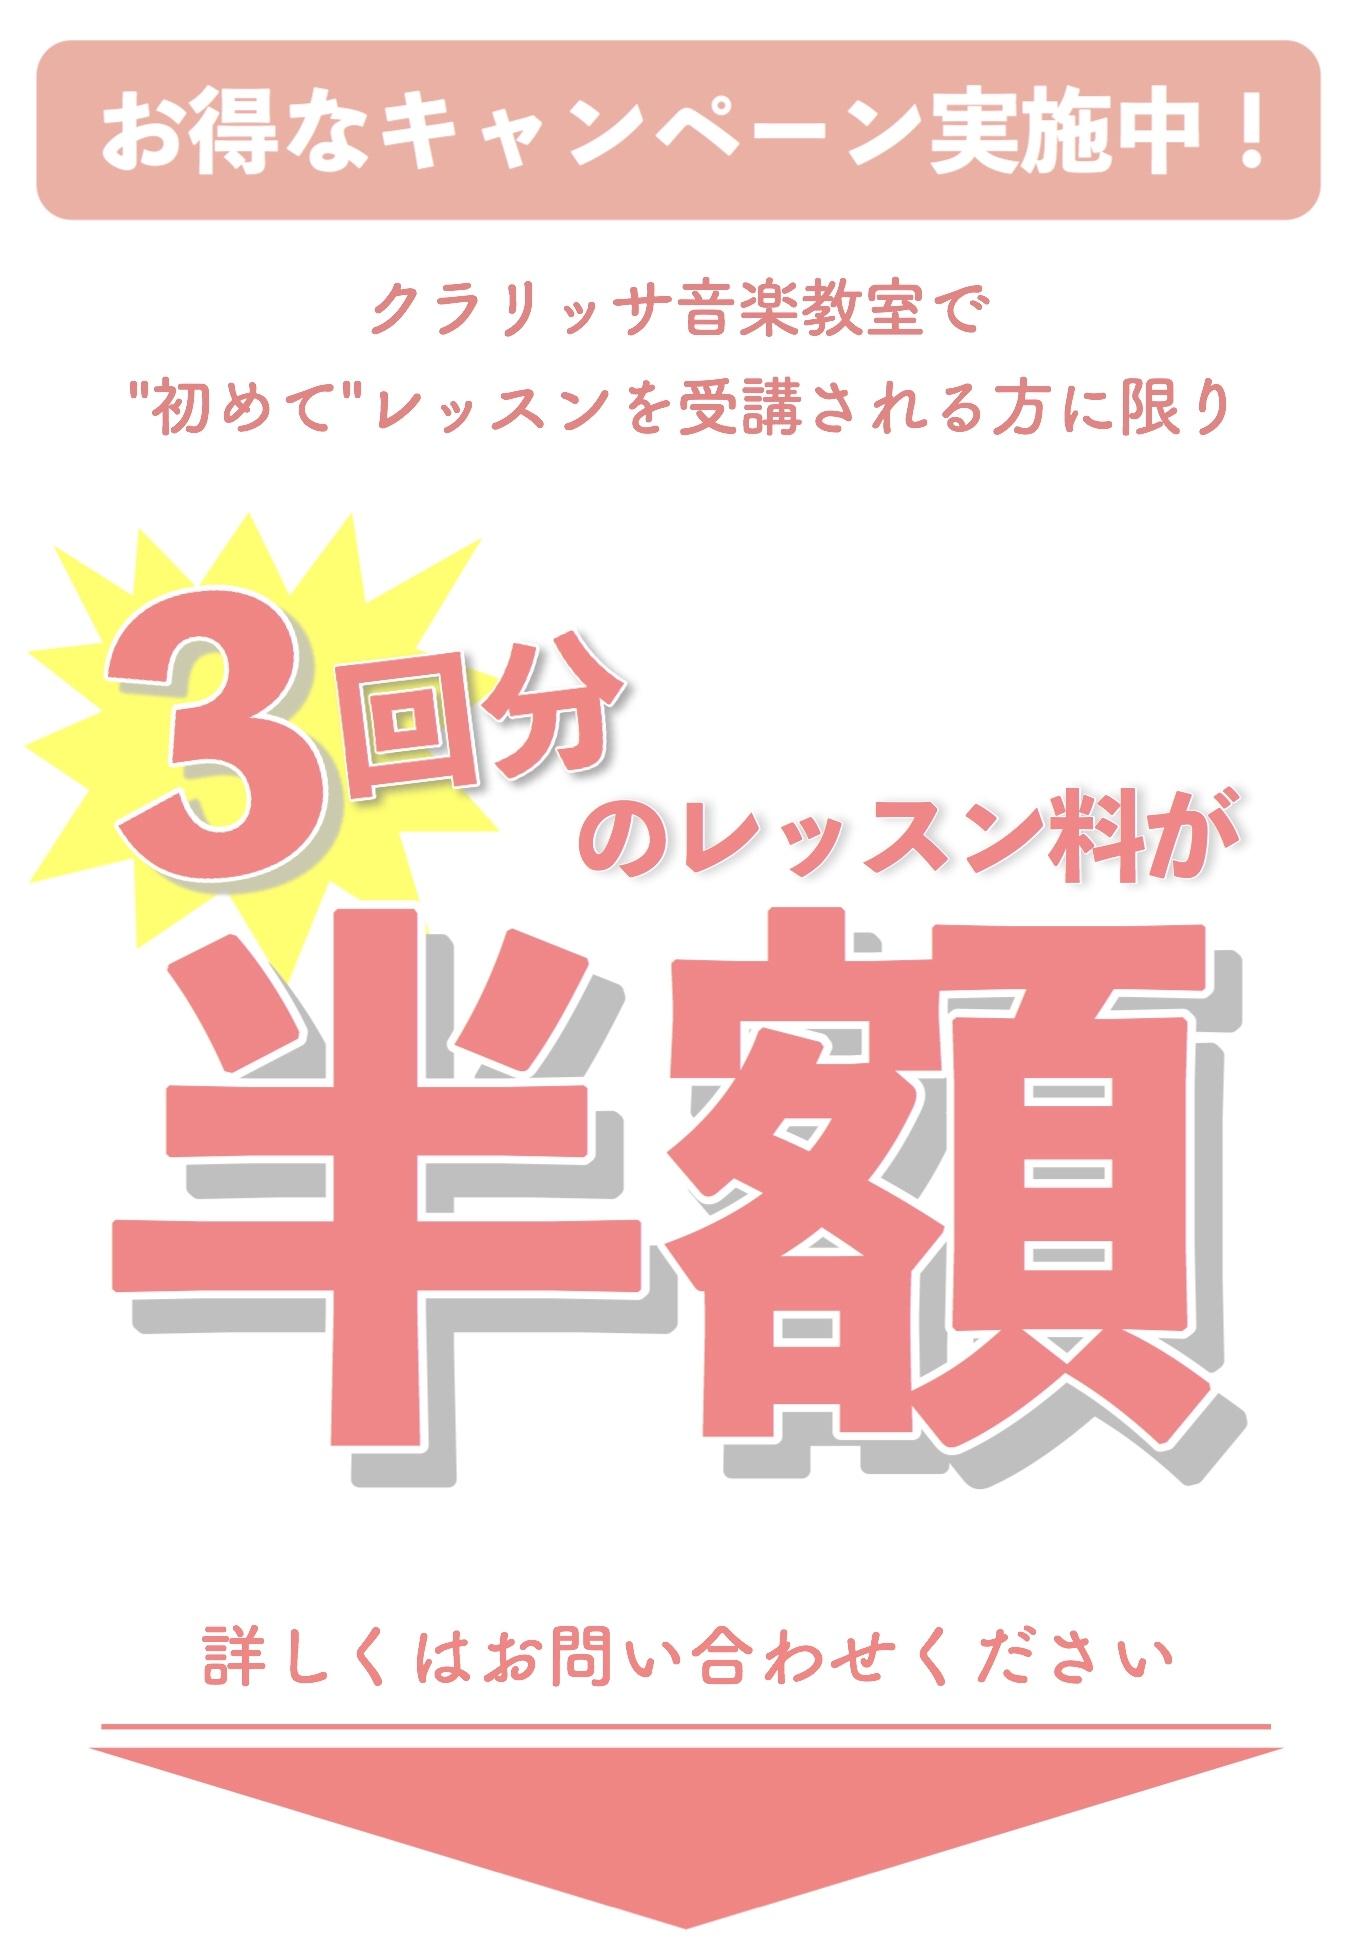 3B23CD1D-8824-4E3B-8BE7-0902A182279A.jpeg